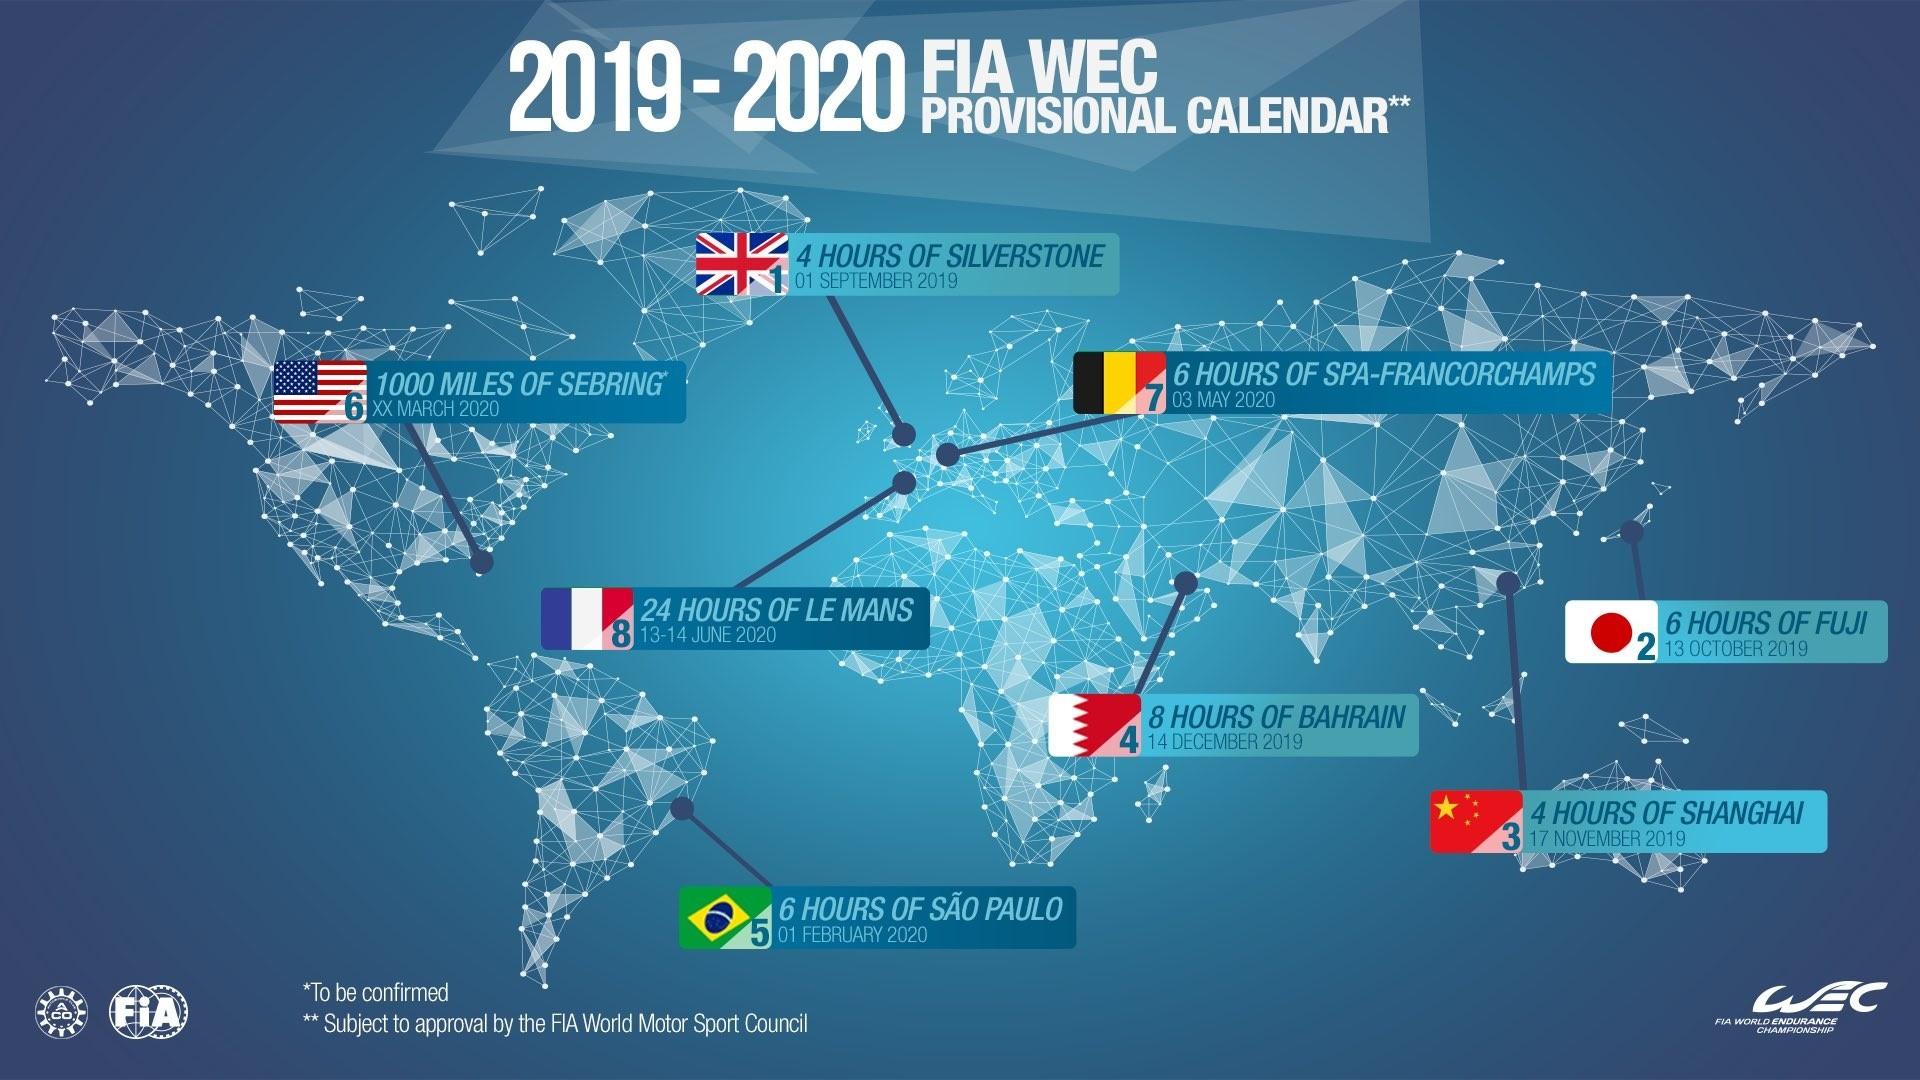 RIO DE JANEIRO Notcia quente o Brasil foi enfim confirmado no calendário bienal do Mundial de Endurance FIA WEC da temporada 2019 20 da peti§£o